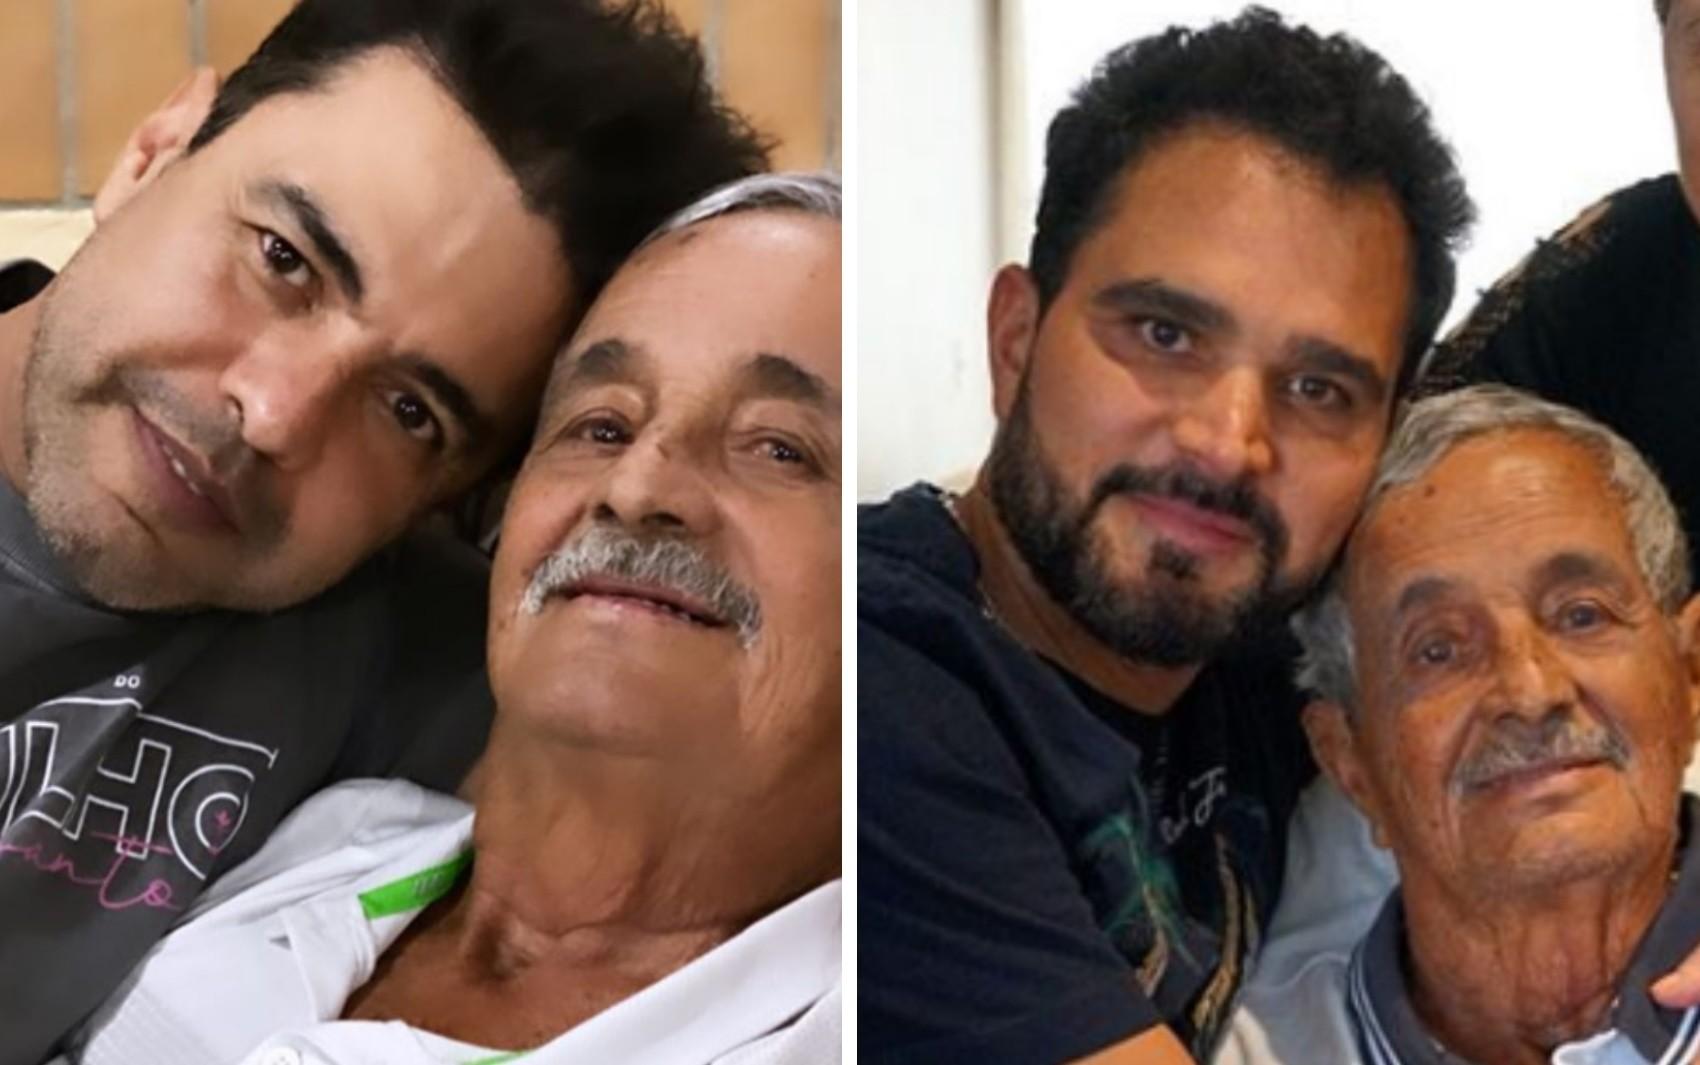 Zezé Di Camargo chora ao falar sobre a morte do pai durante velório: 'Se existe céu, ele está lá'